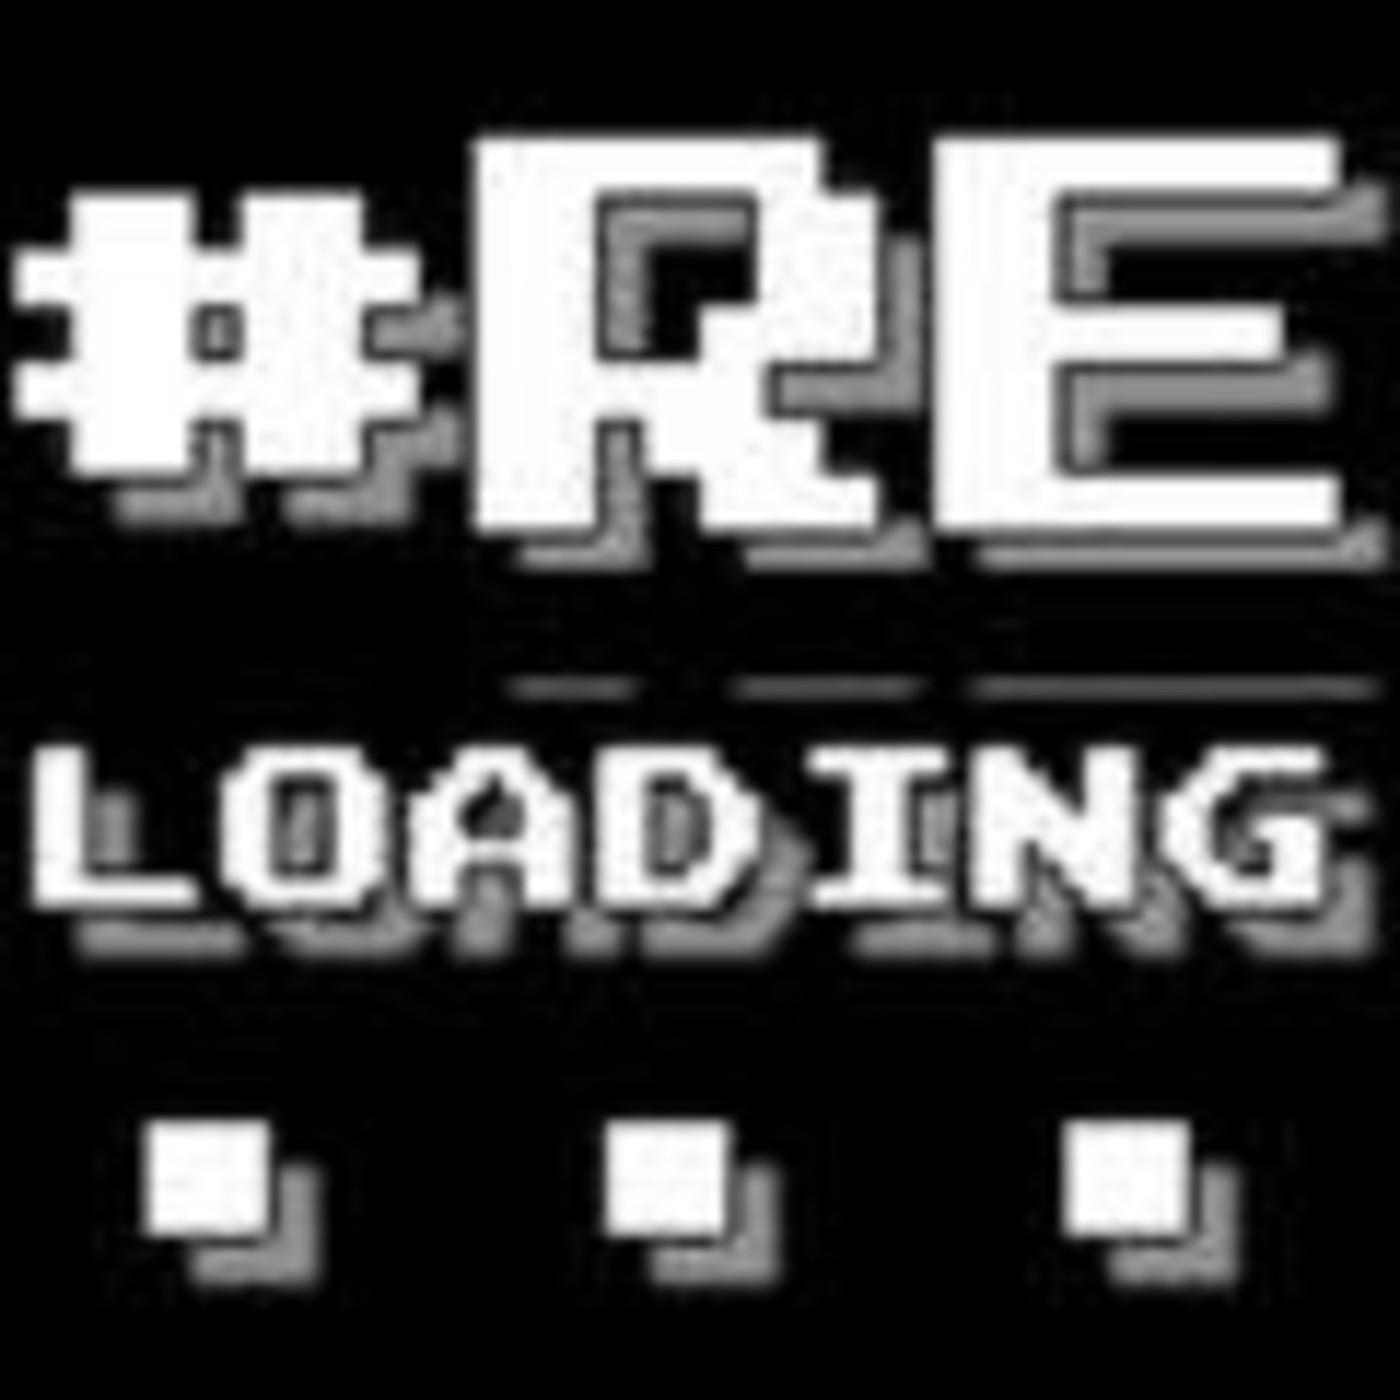 Reloading